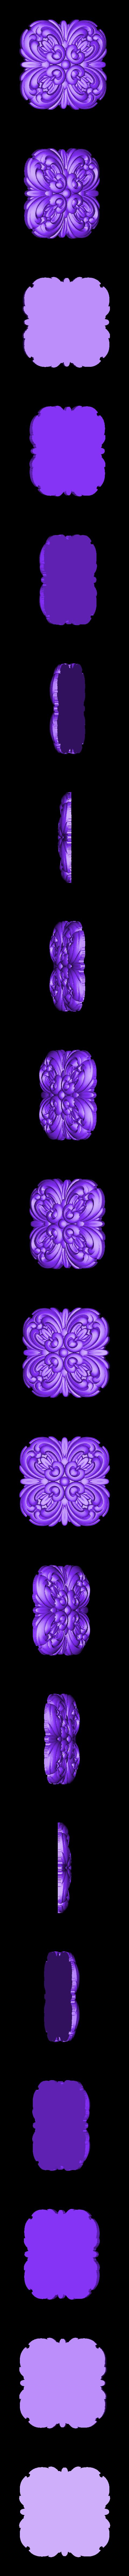 rozetka5.stl Télécharger fichier STL gratuit Moulures vintage pour vieux appartements classiques cnc art machine à router 3D printed • Modèle à imprimer en 3D, stl3dmodel